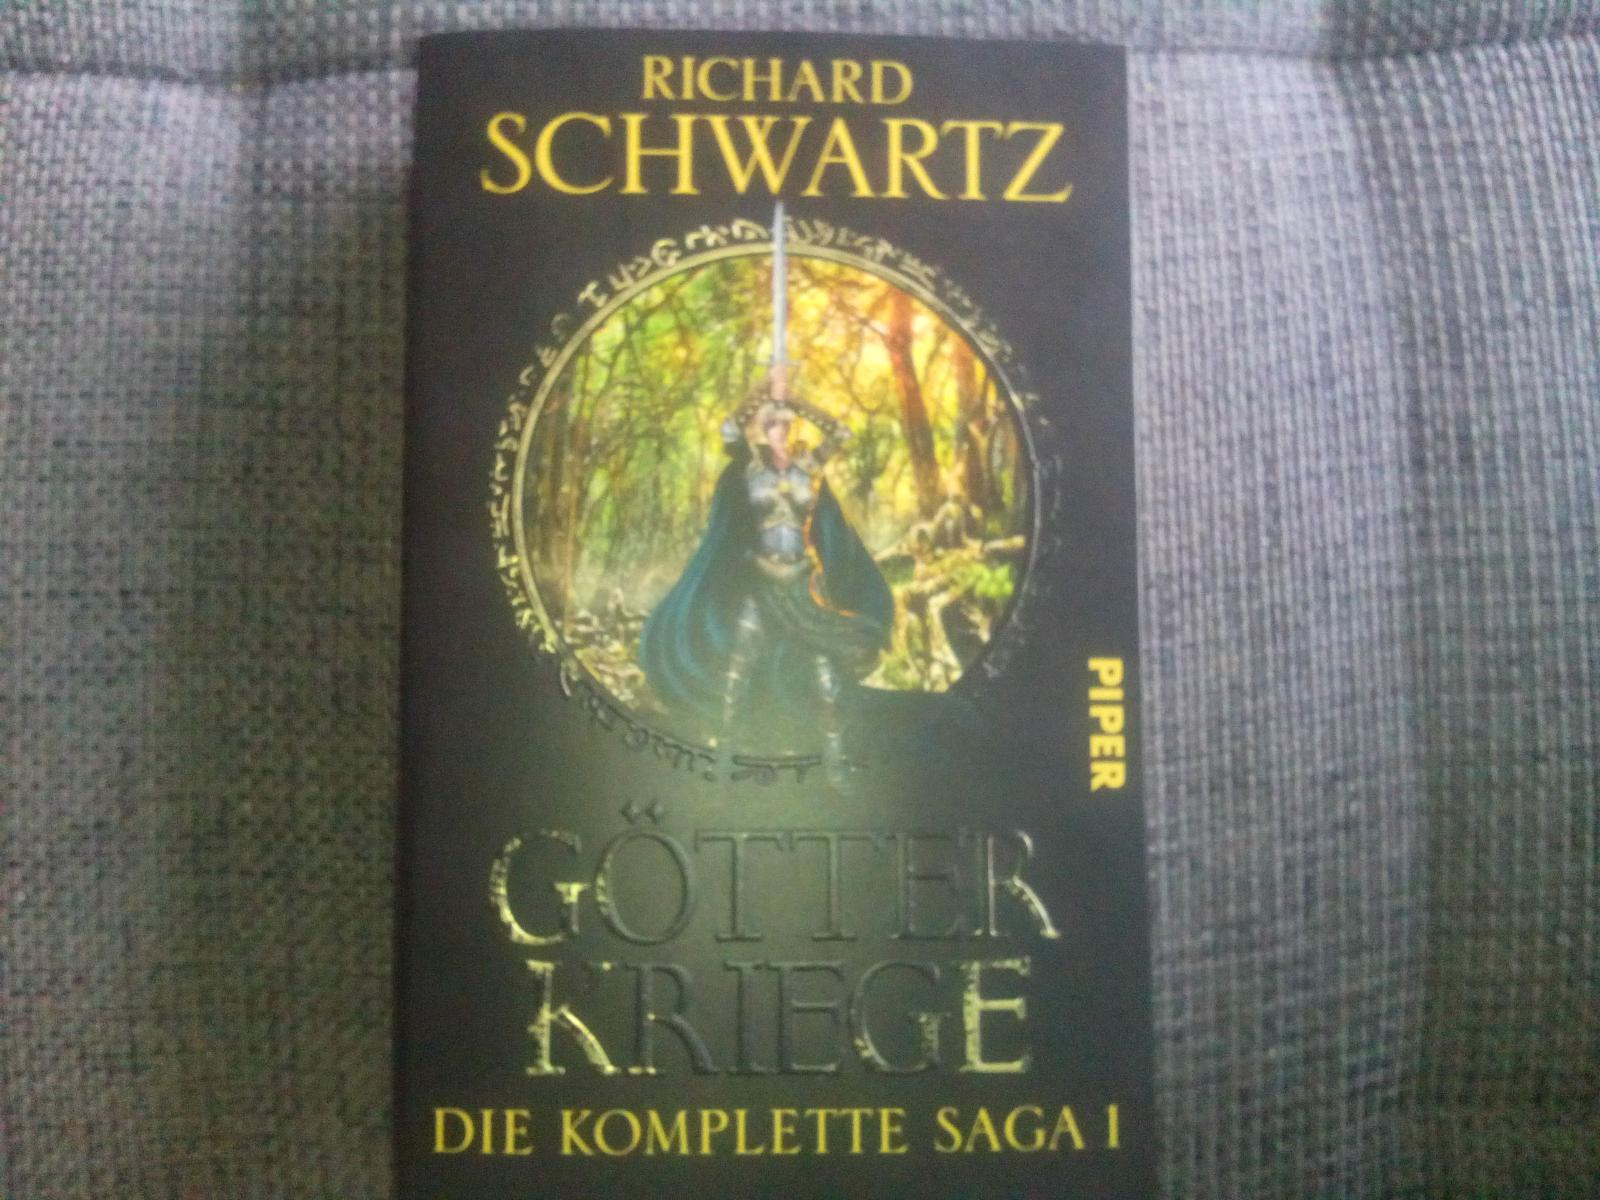 Richard Schwartz Götter Kriege Die Komplette Saga 1